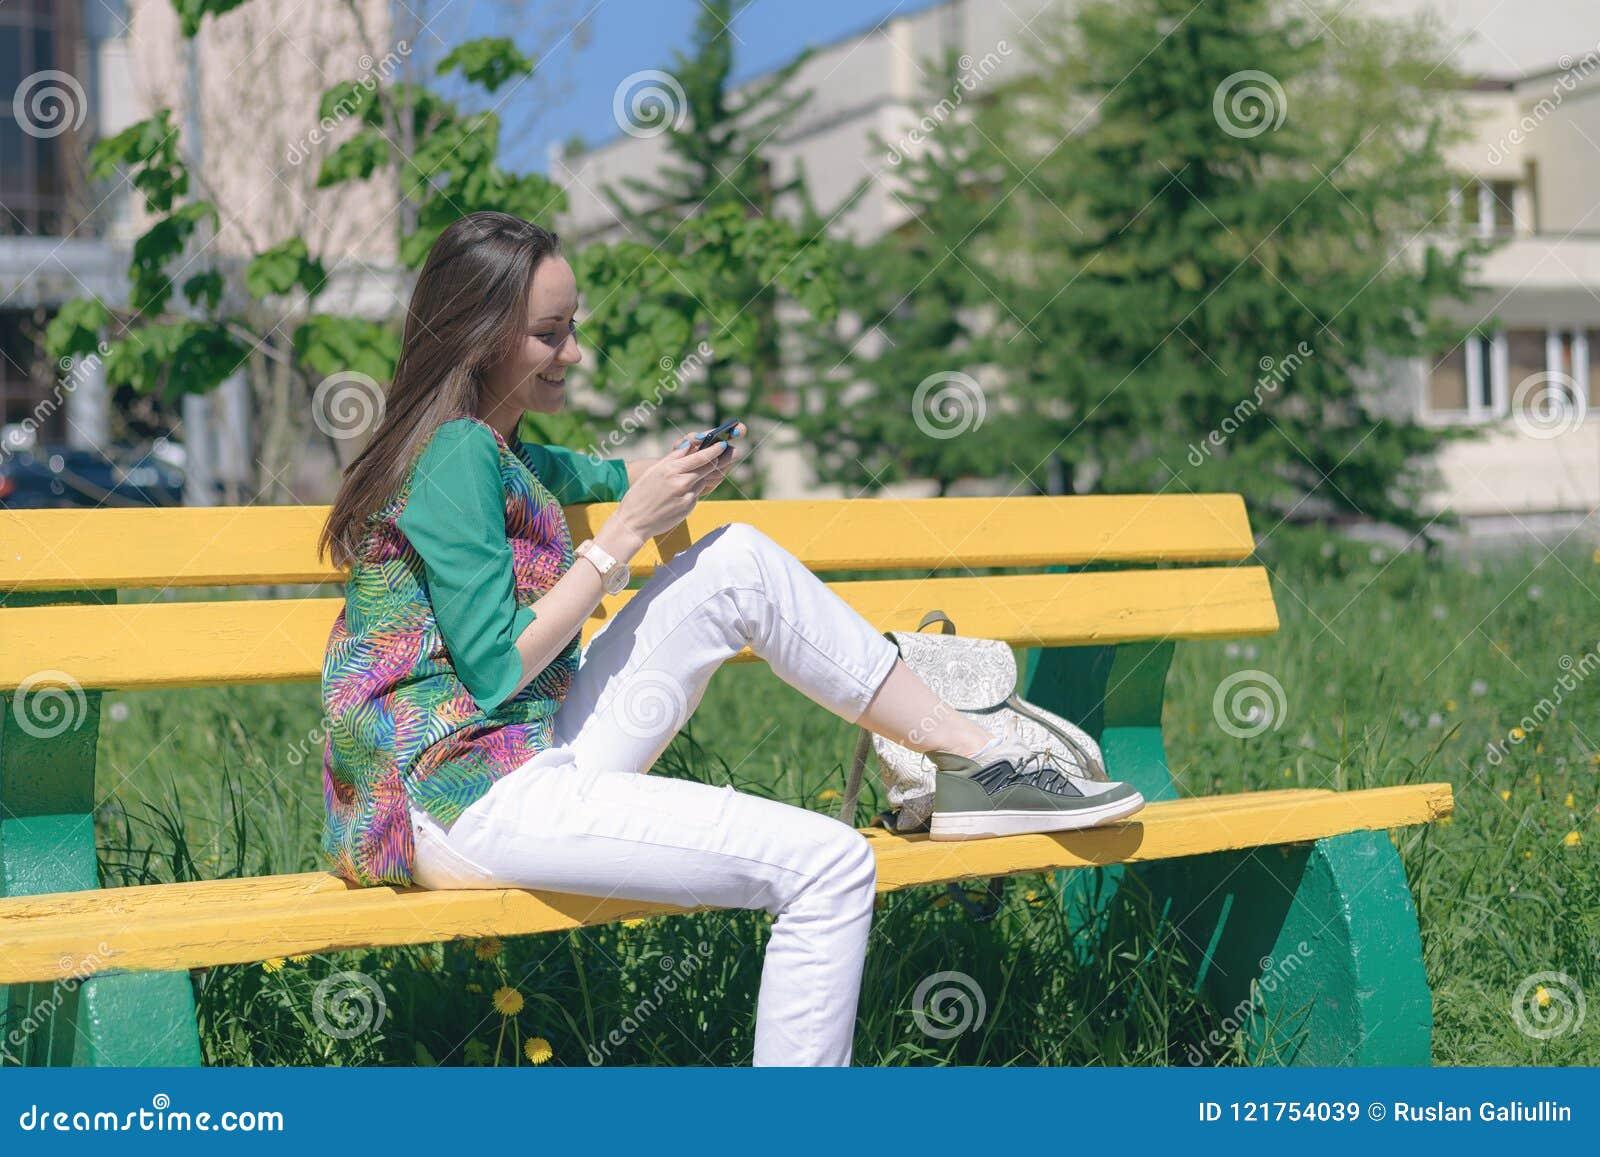 Jong meisje in witte jeans en tennisschoenen op een gele bank en gebruik die een smartphone, online mededeling, sociale netwerken